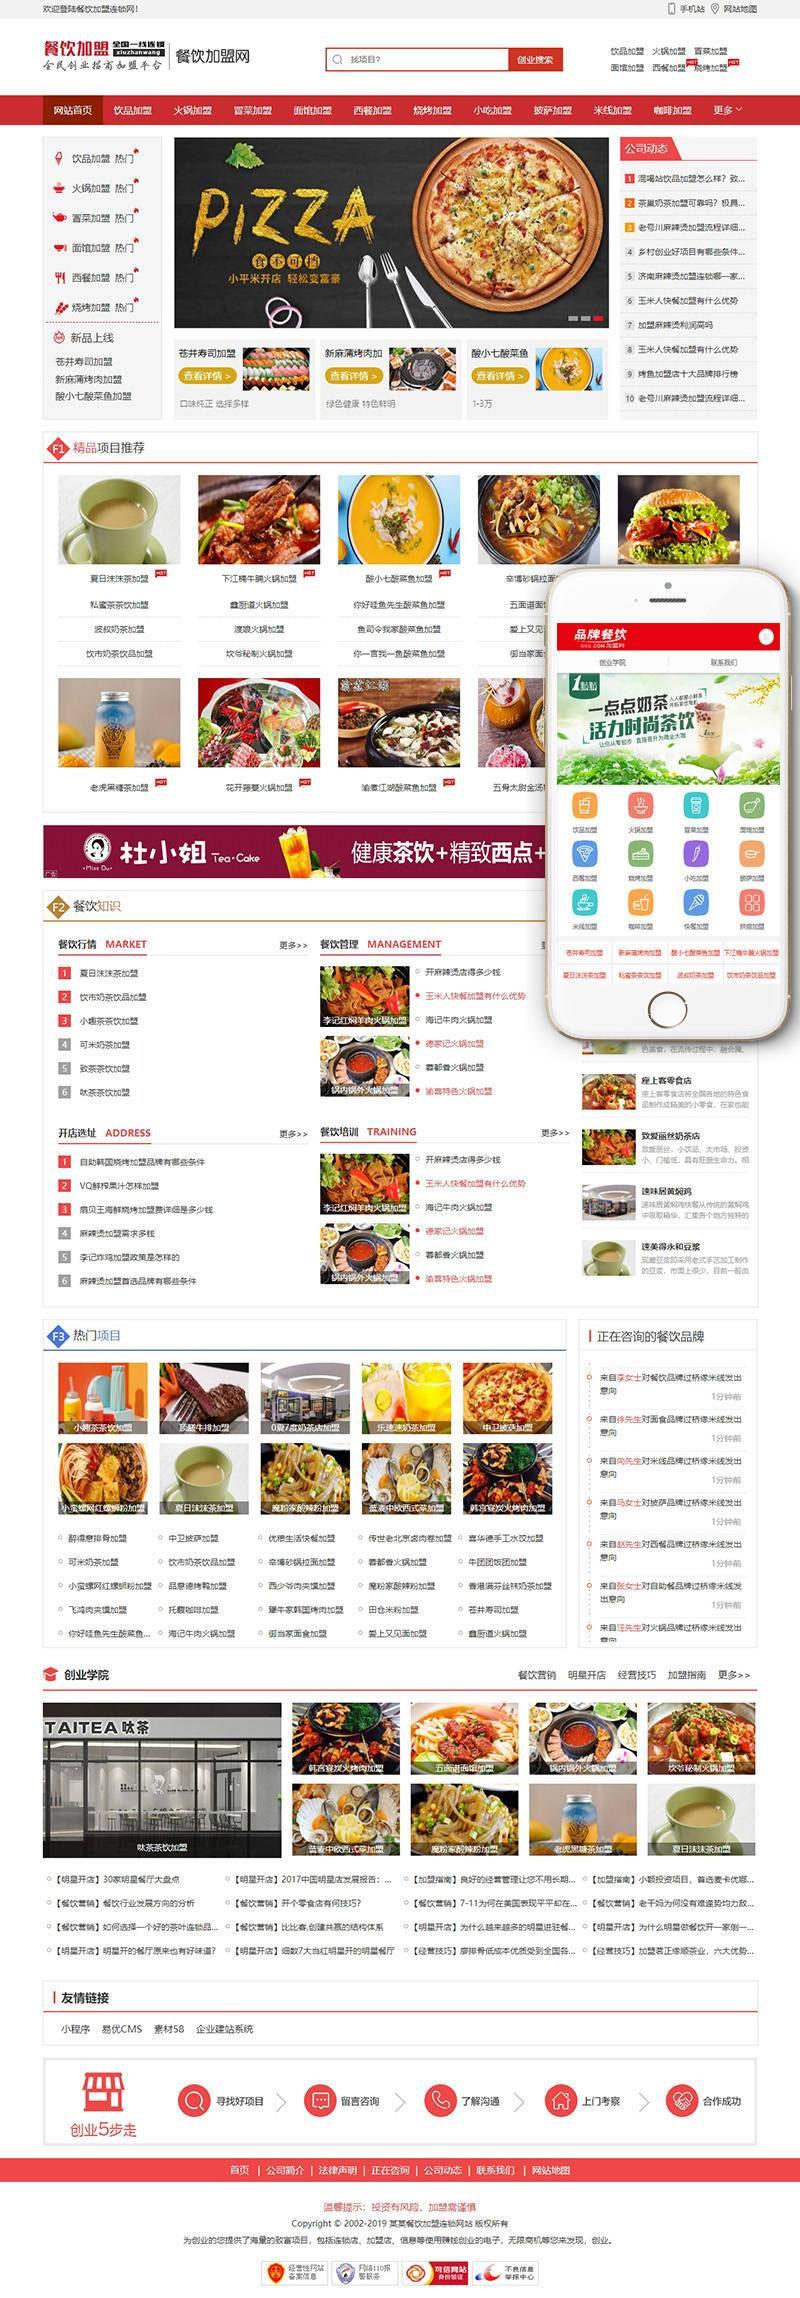 织梦dedecms红色餐饮加盟行业网站模板整站源码分享下载(带手机移动端)